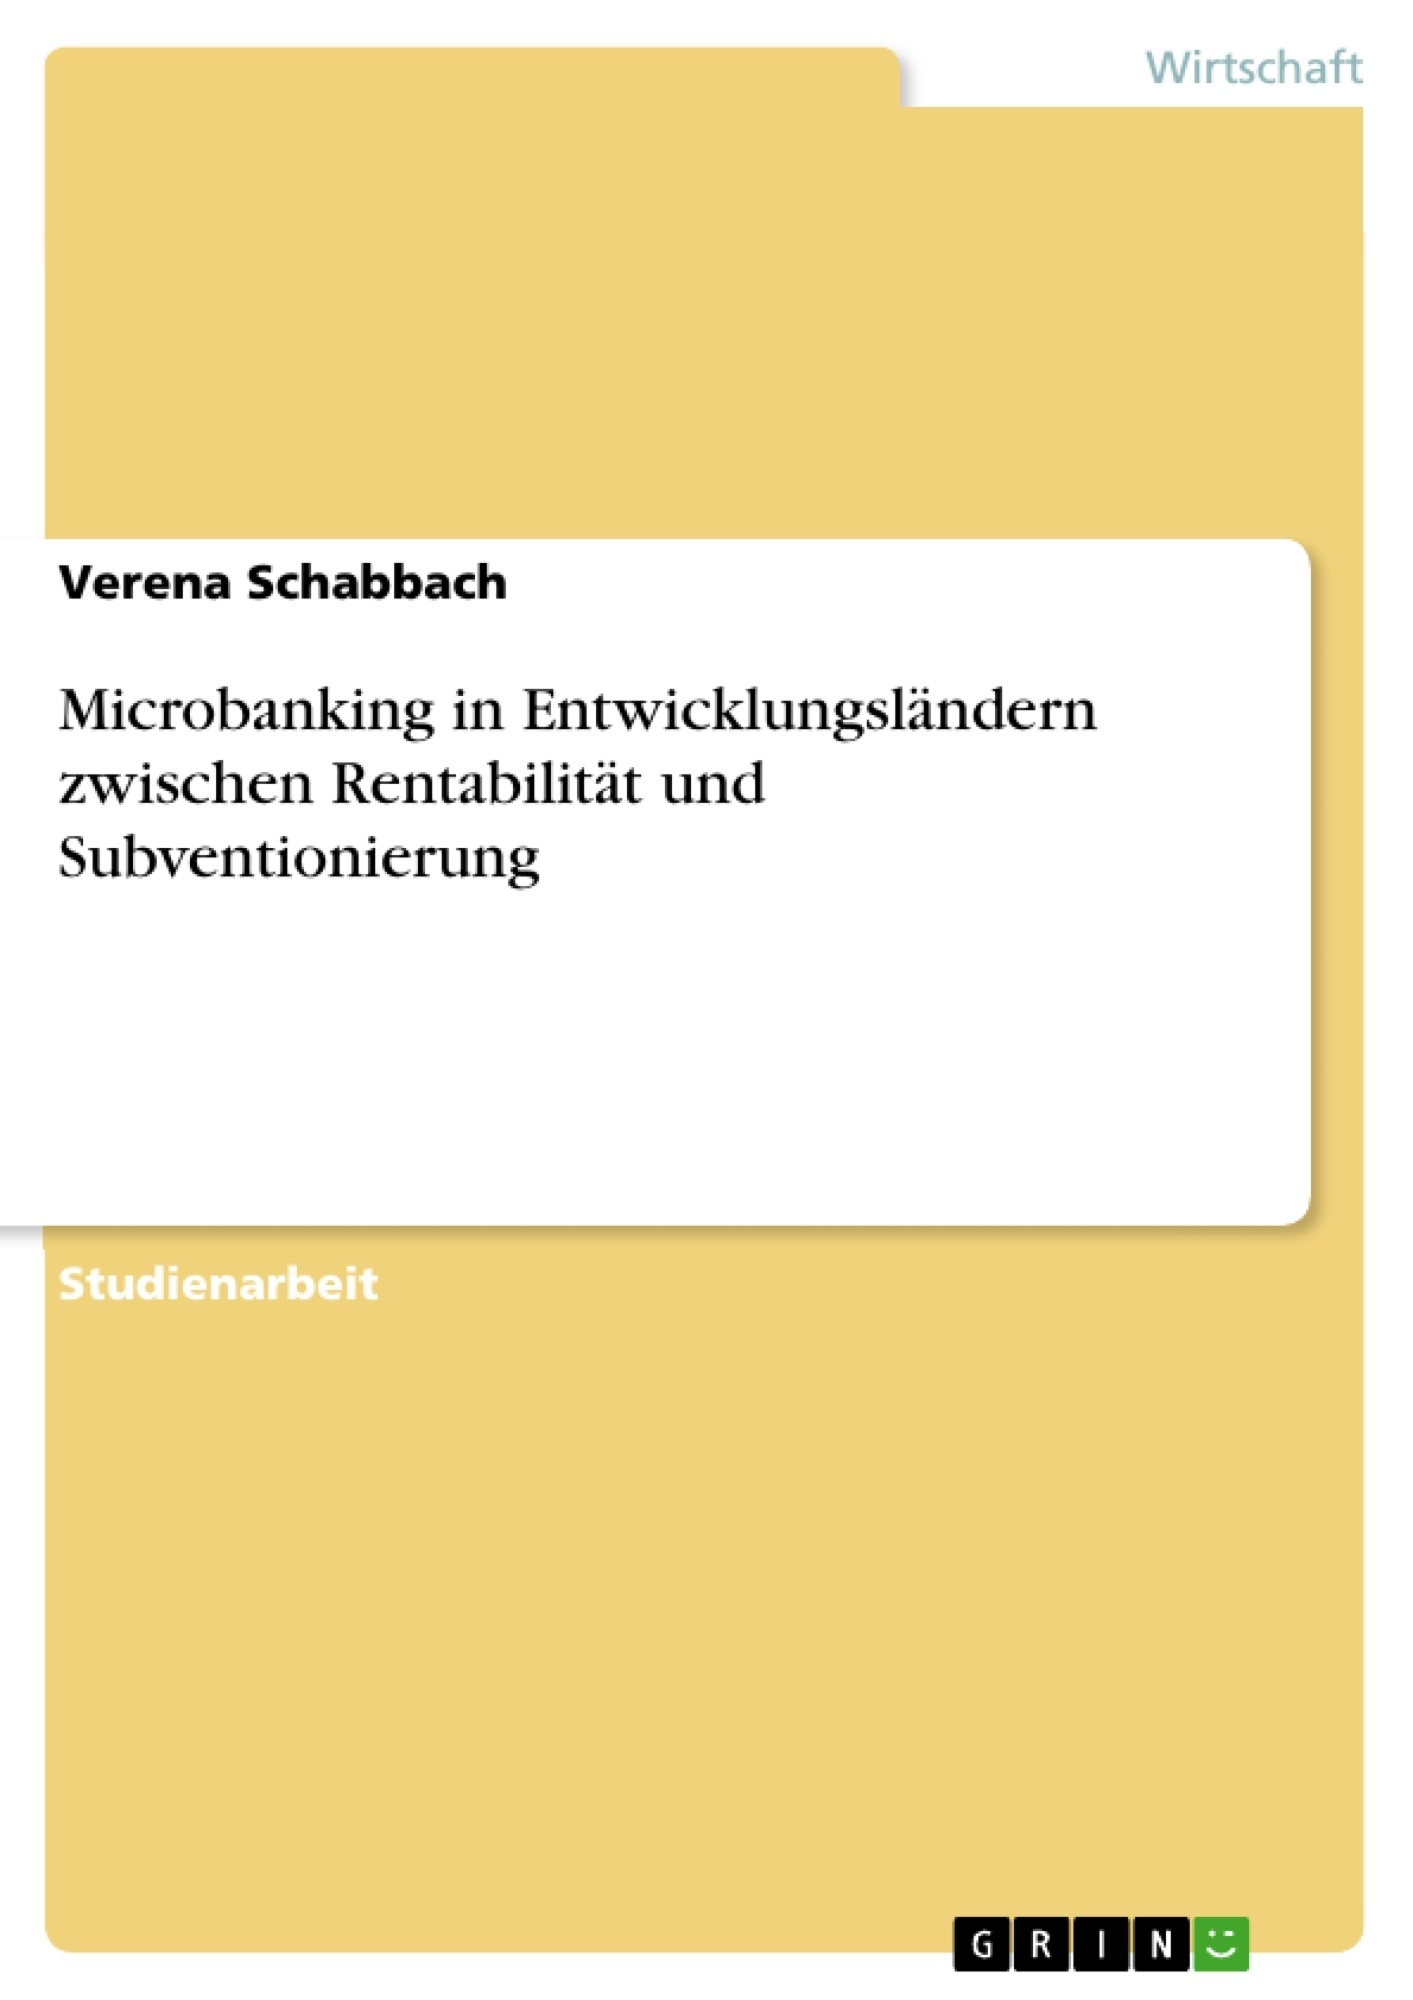 Titel: Microbanking in Entwicklungsländern zwischen Rentabilität und Subventionierung